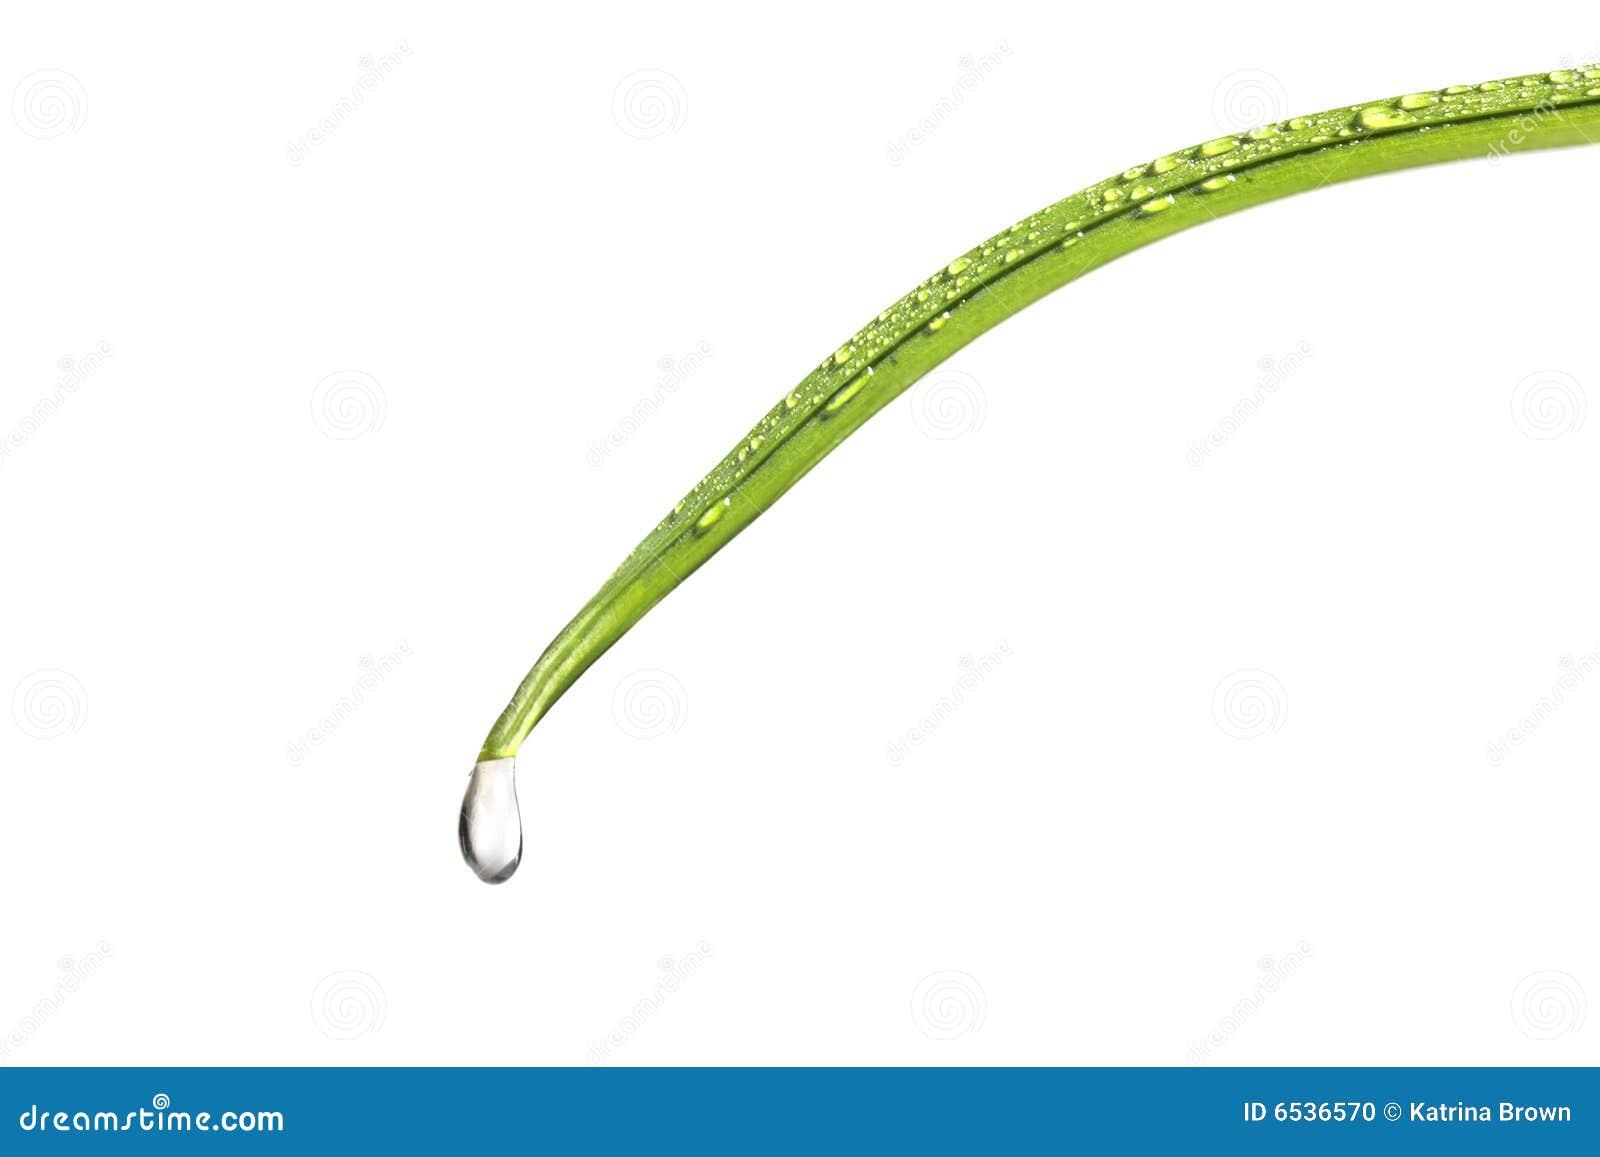 blade of grass vector - photo #43